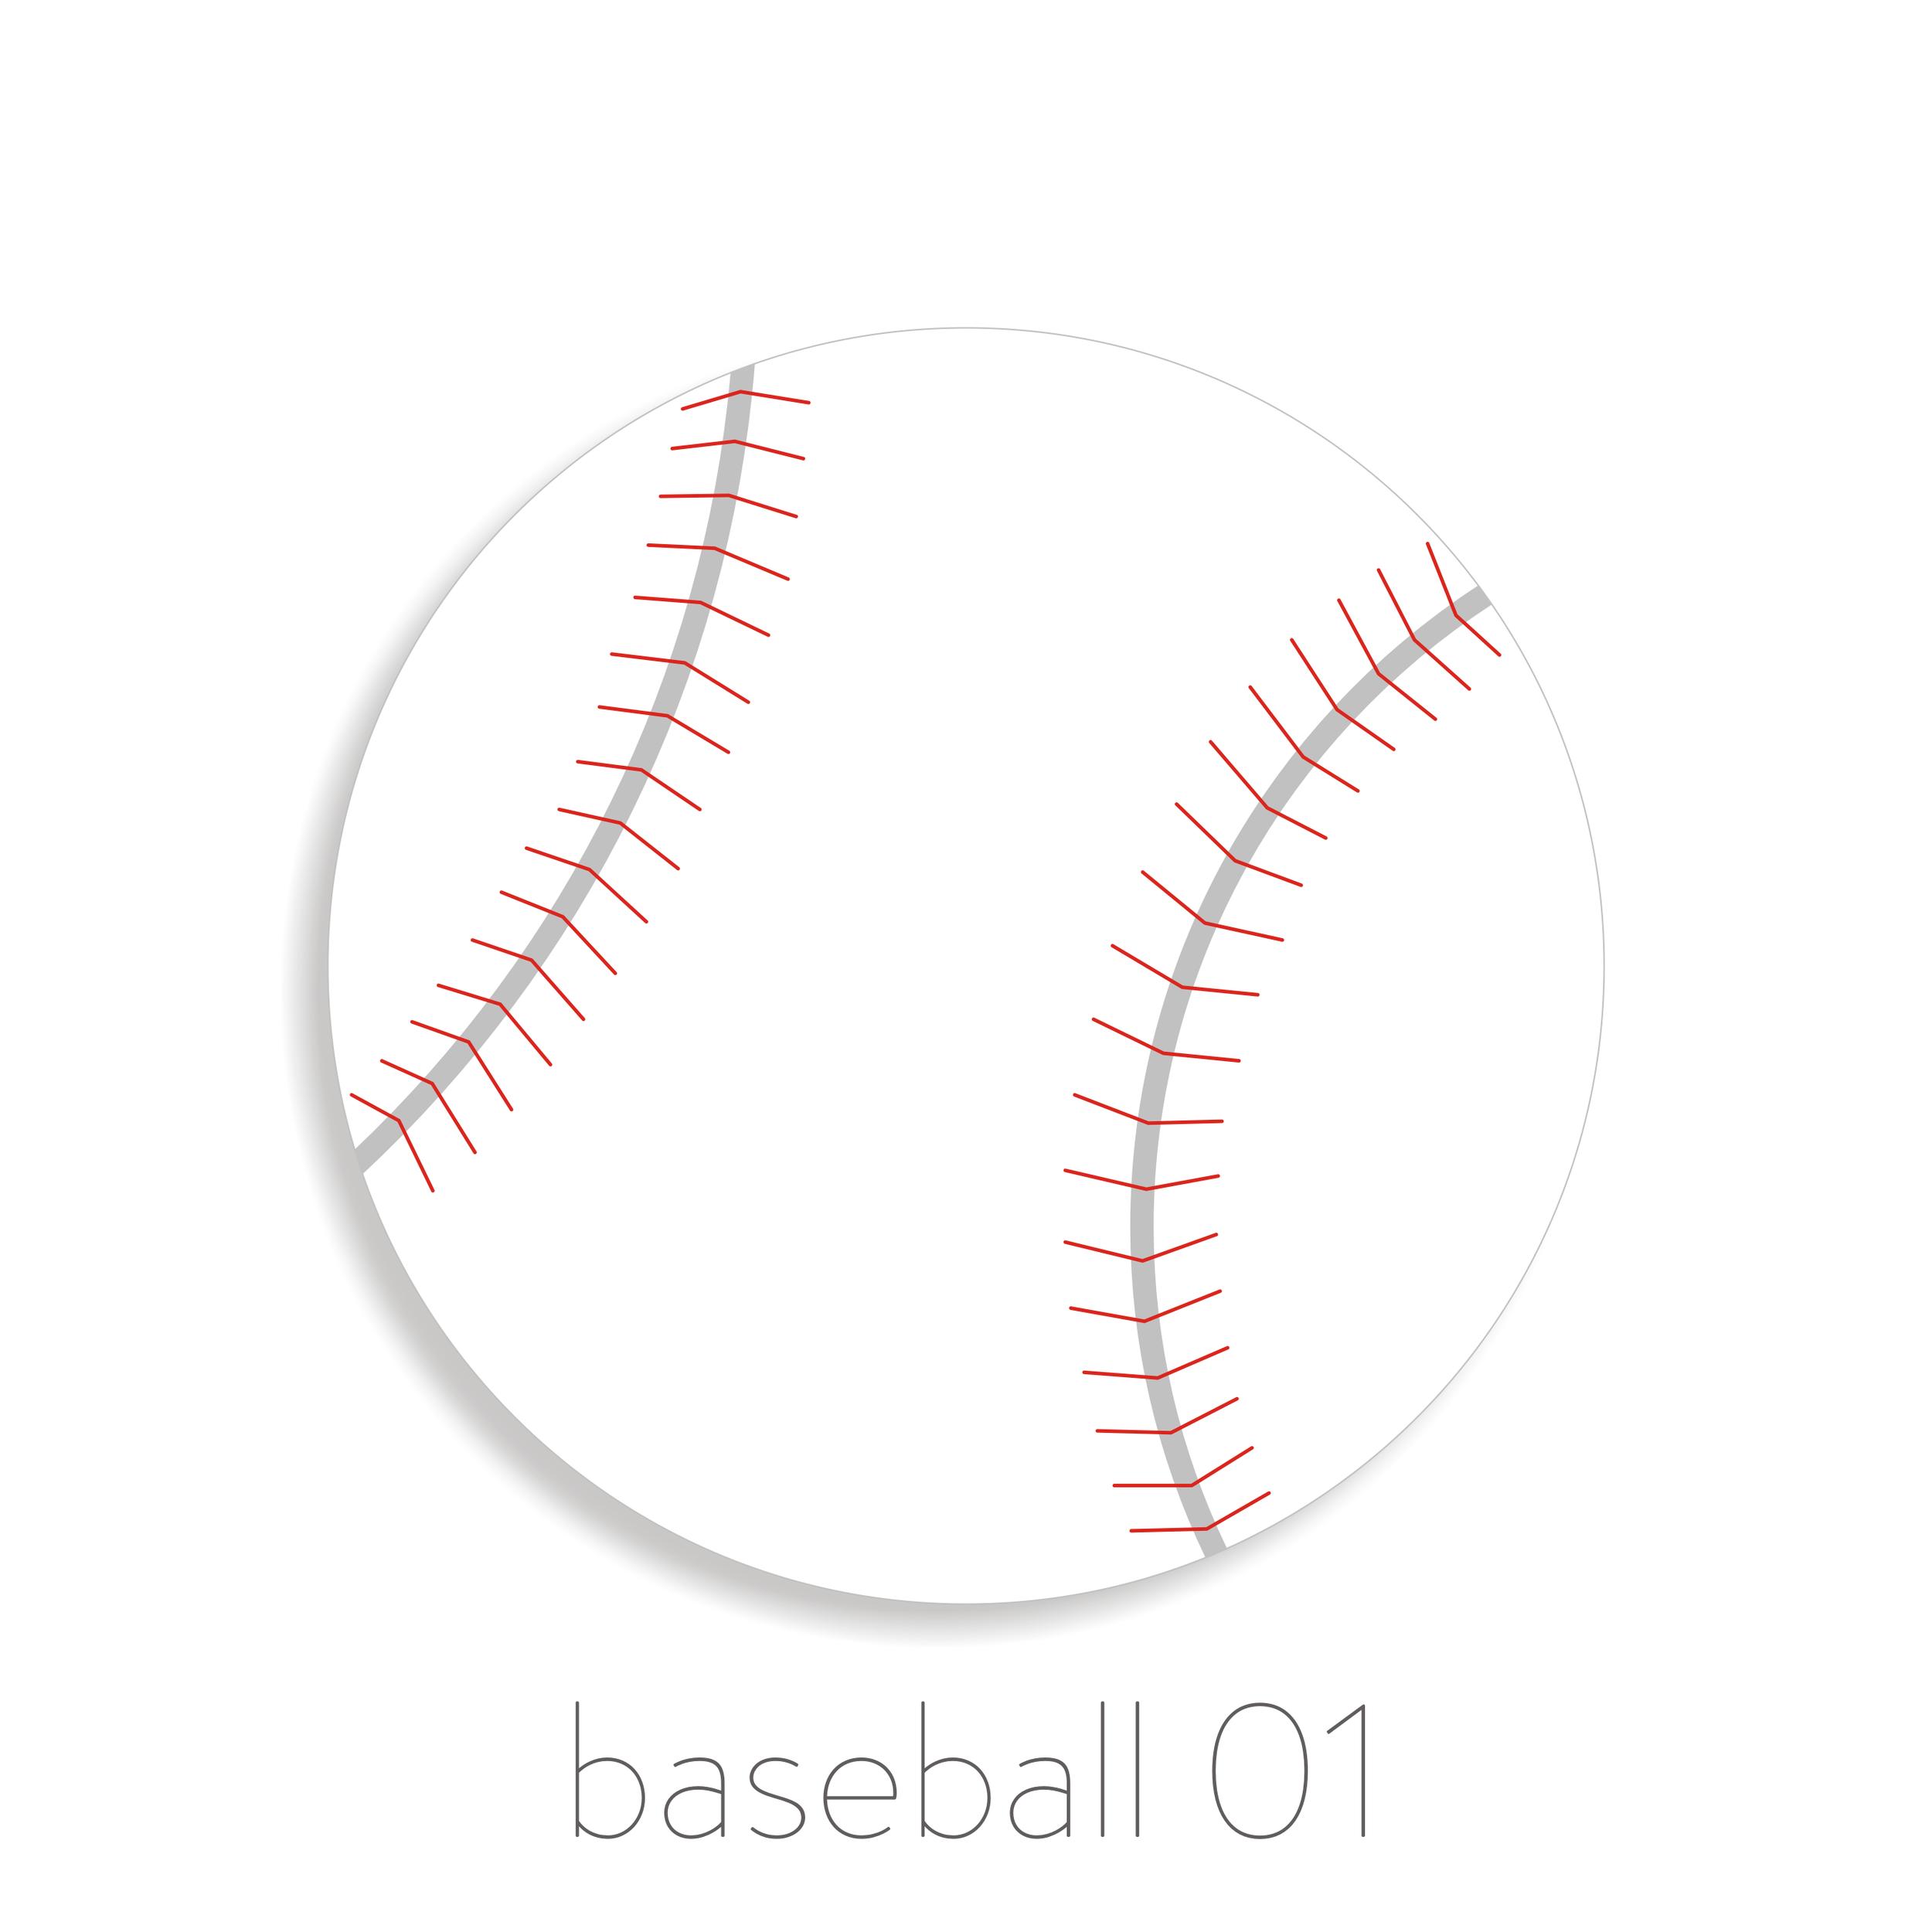 baseball 01.png